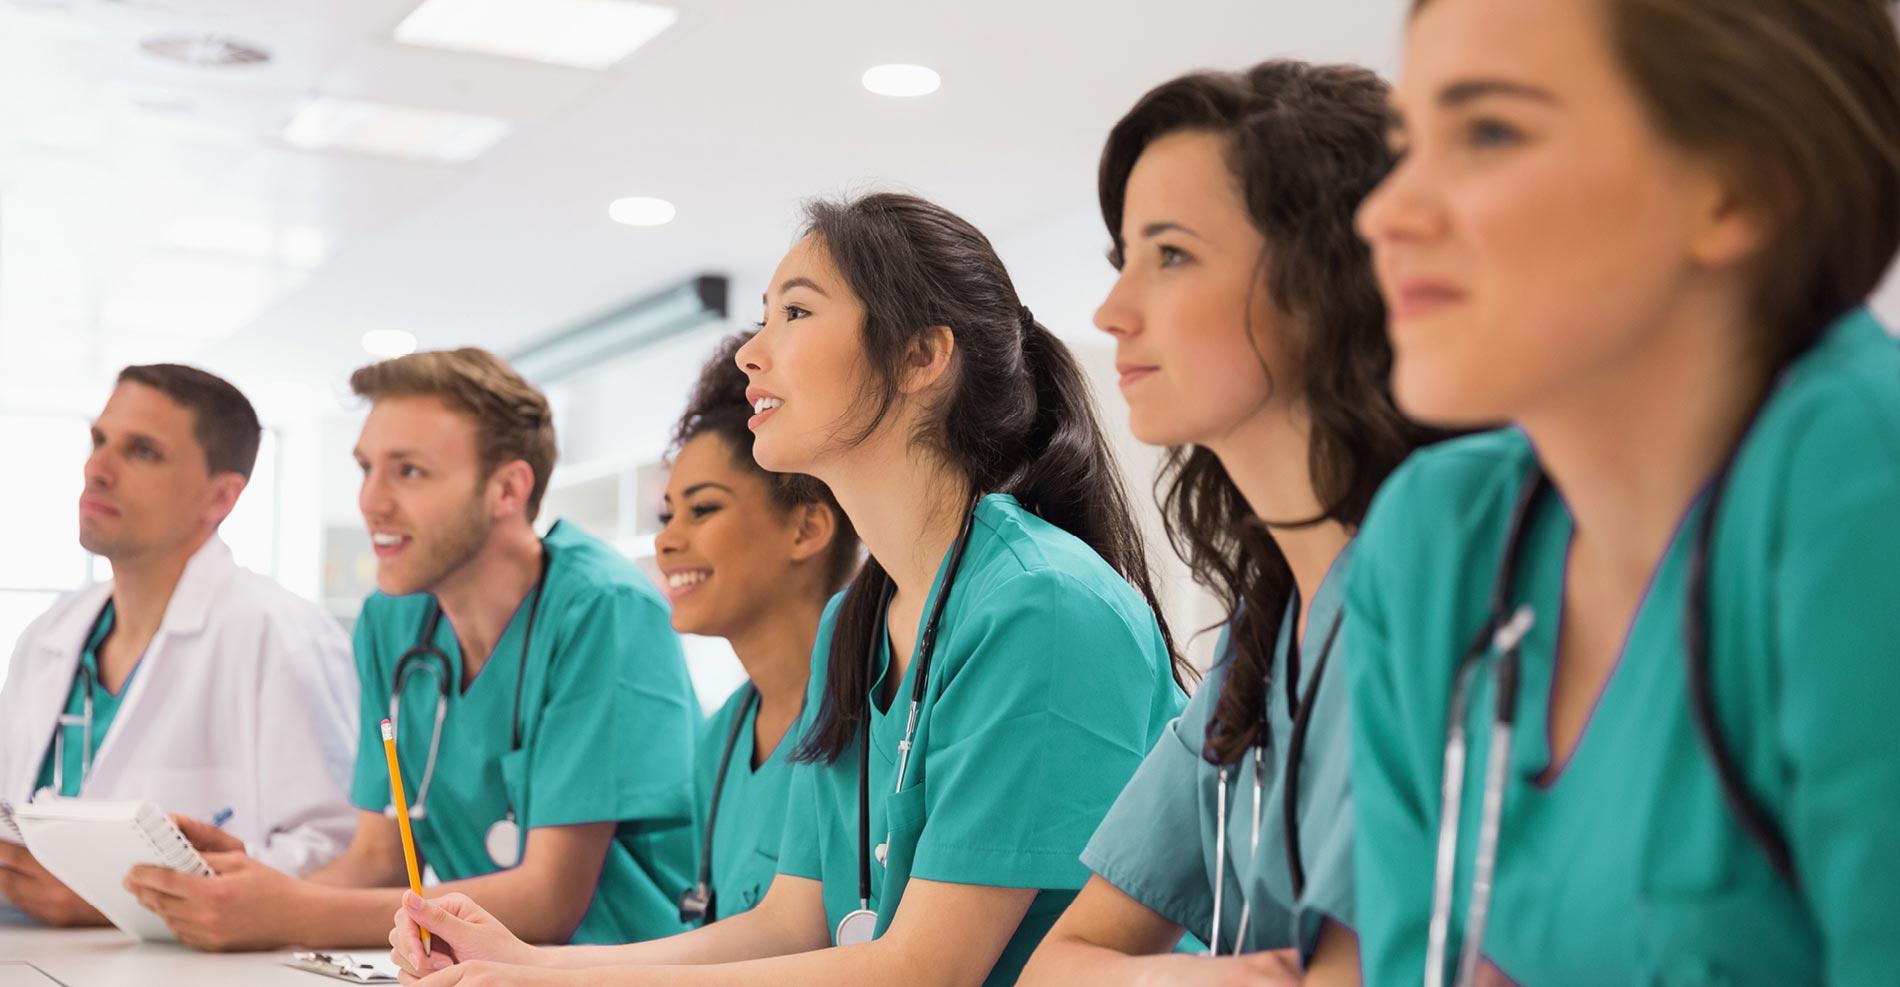 Postgrados en enfermería y medicina